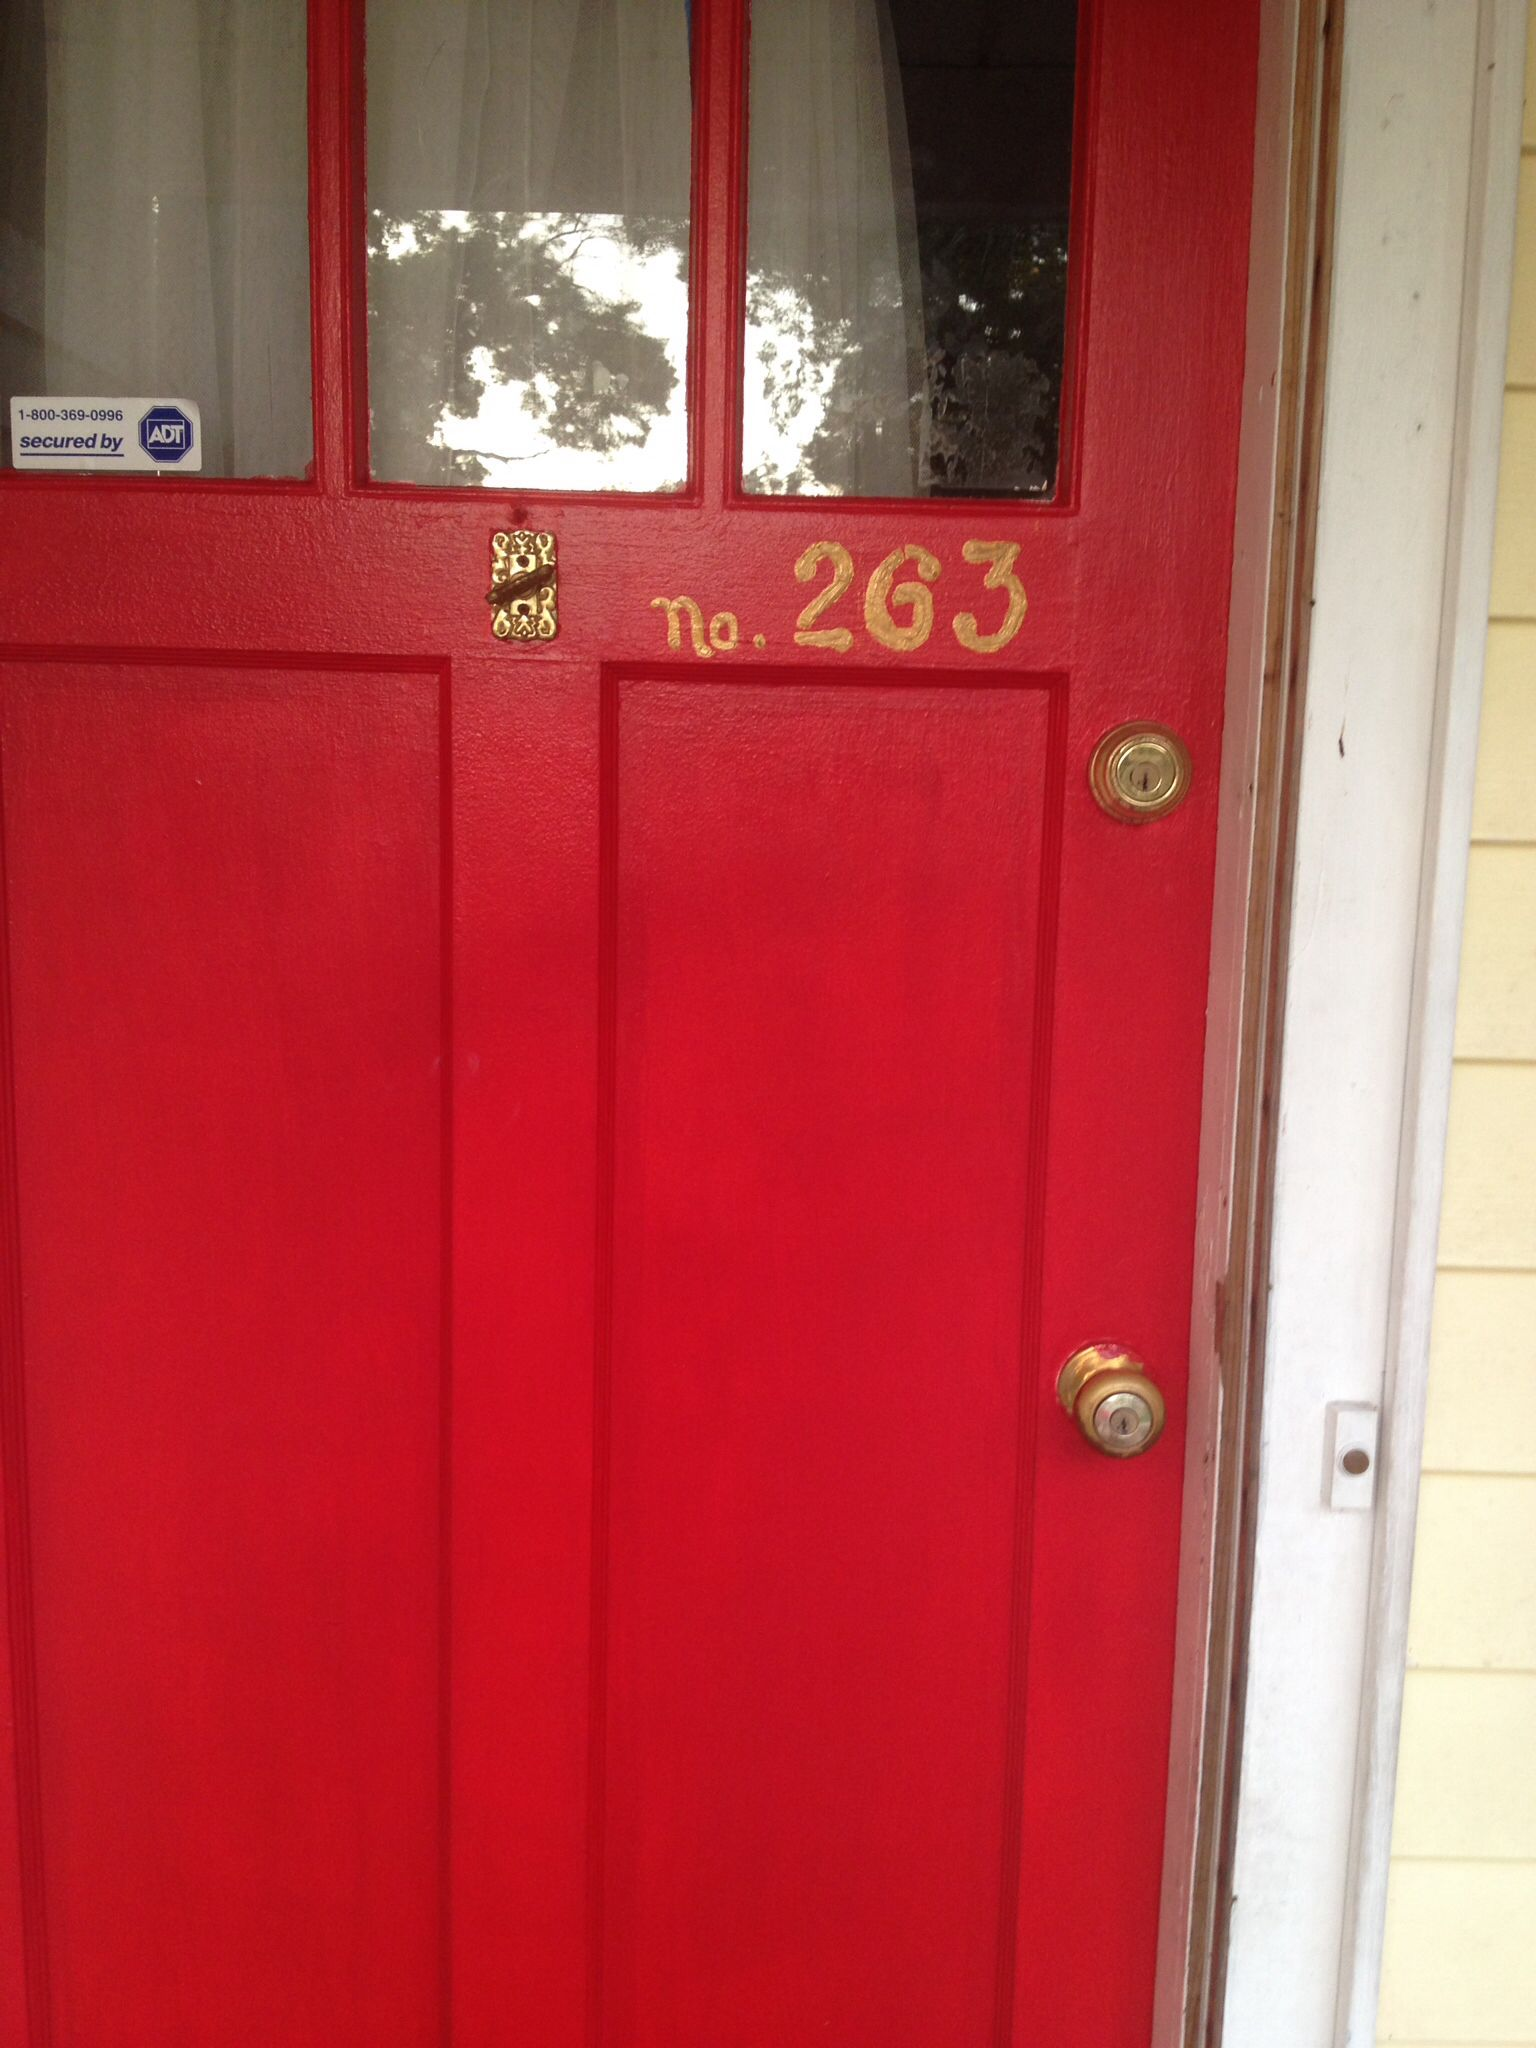 Numbers on door